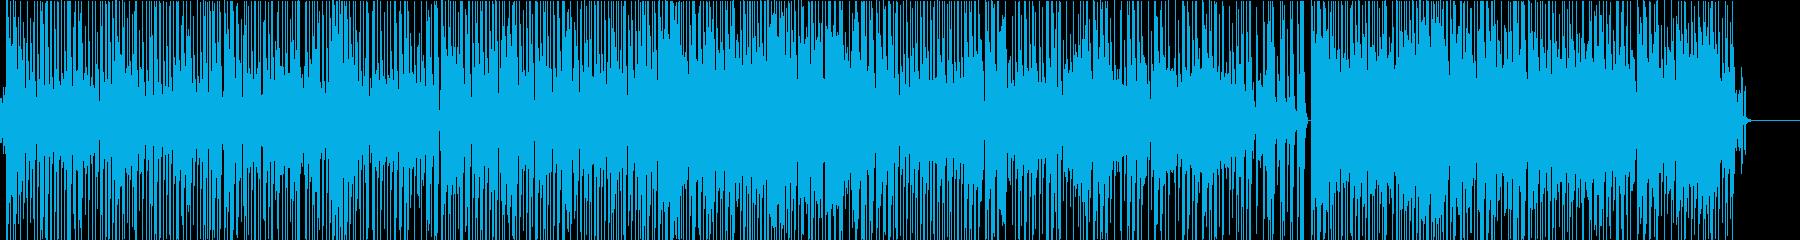 ファンクビートにパワフルなスラップベースの再生済みの波形